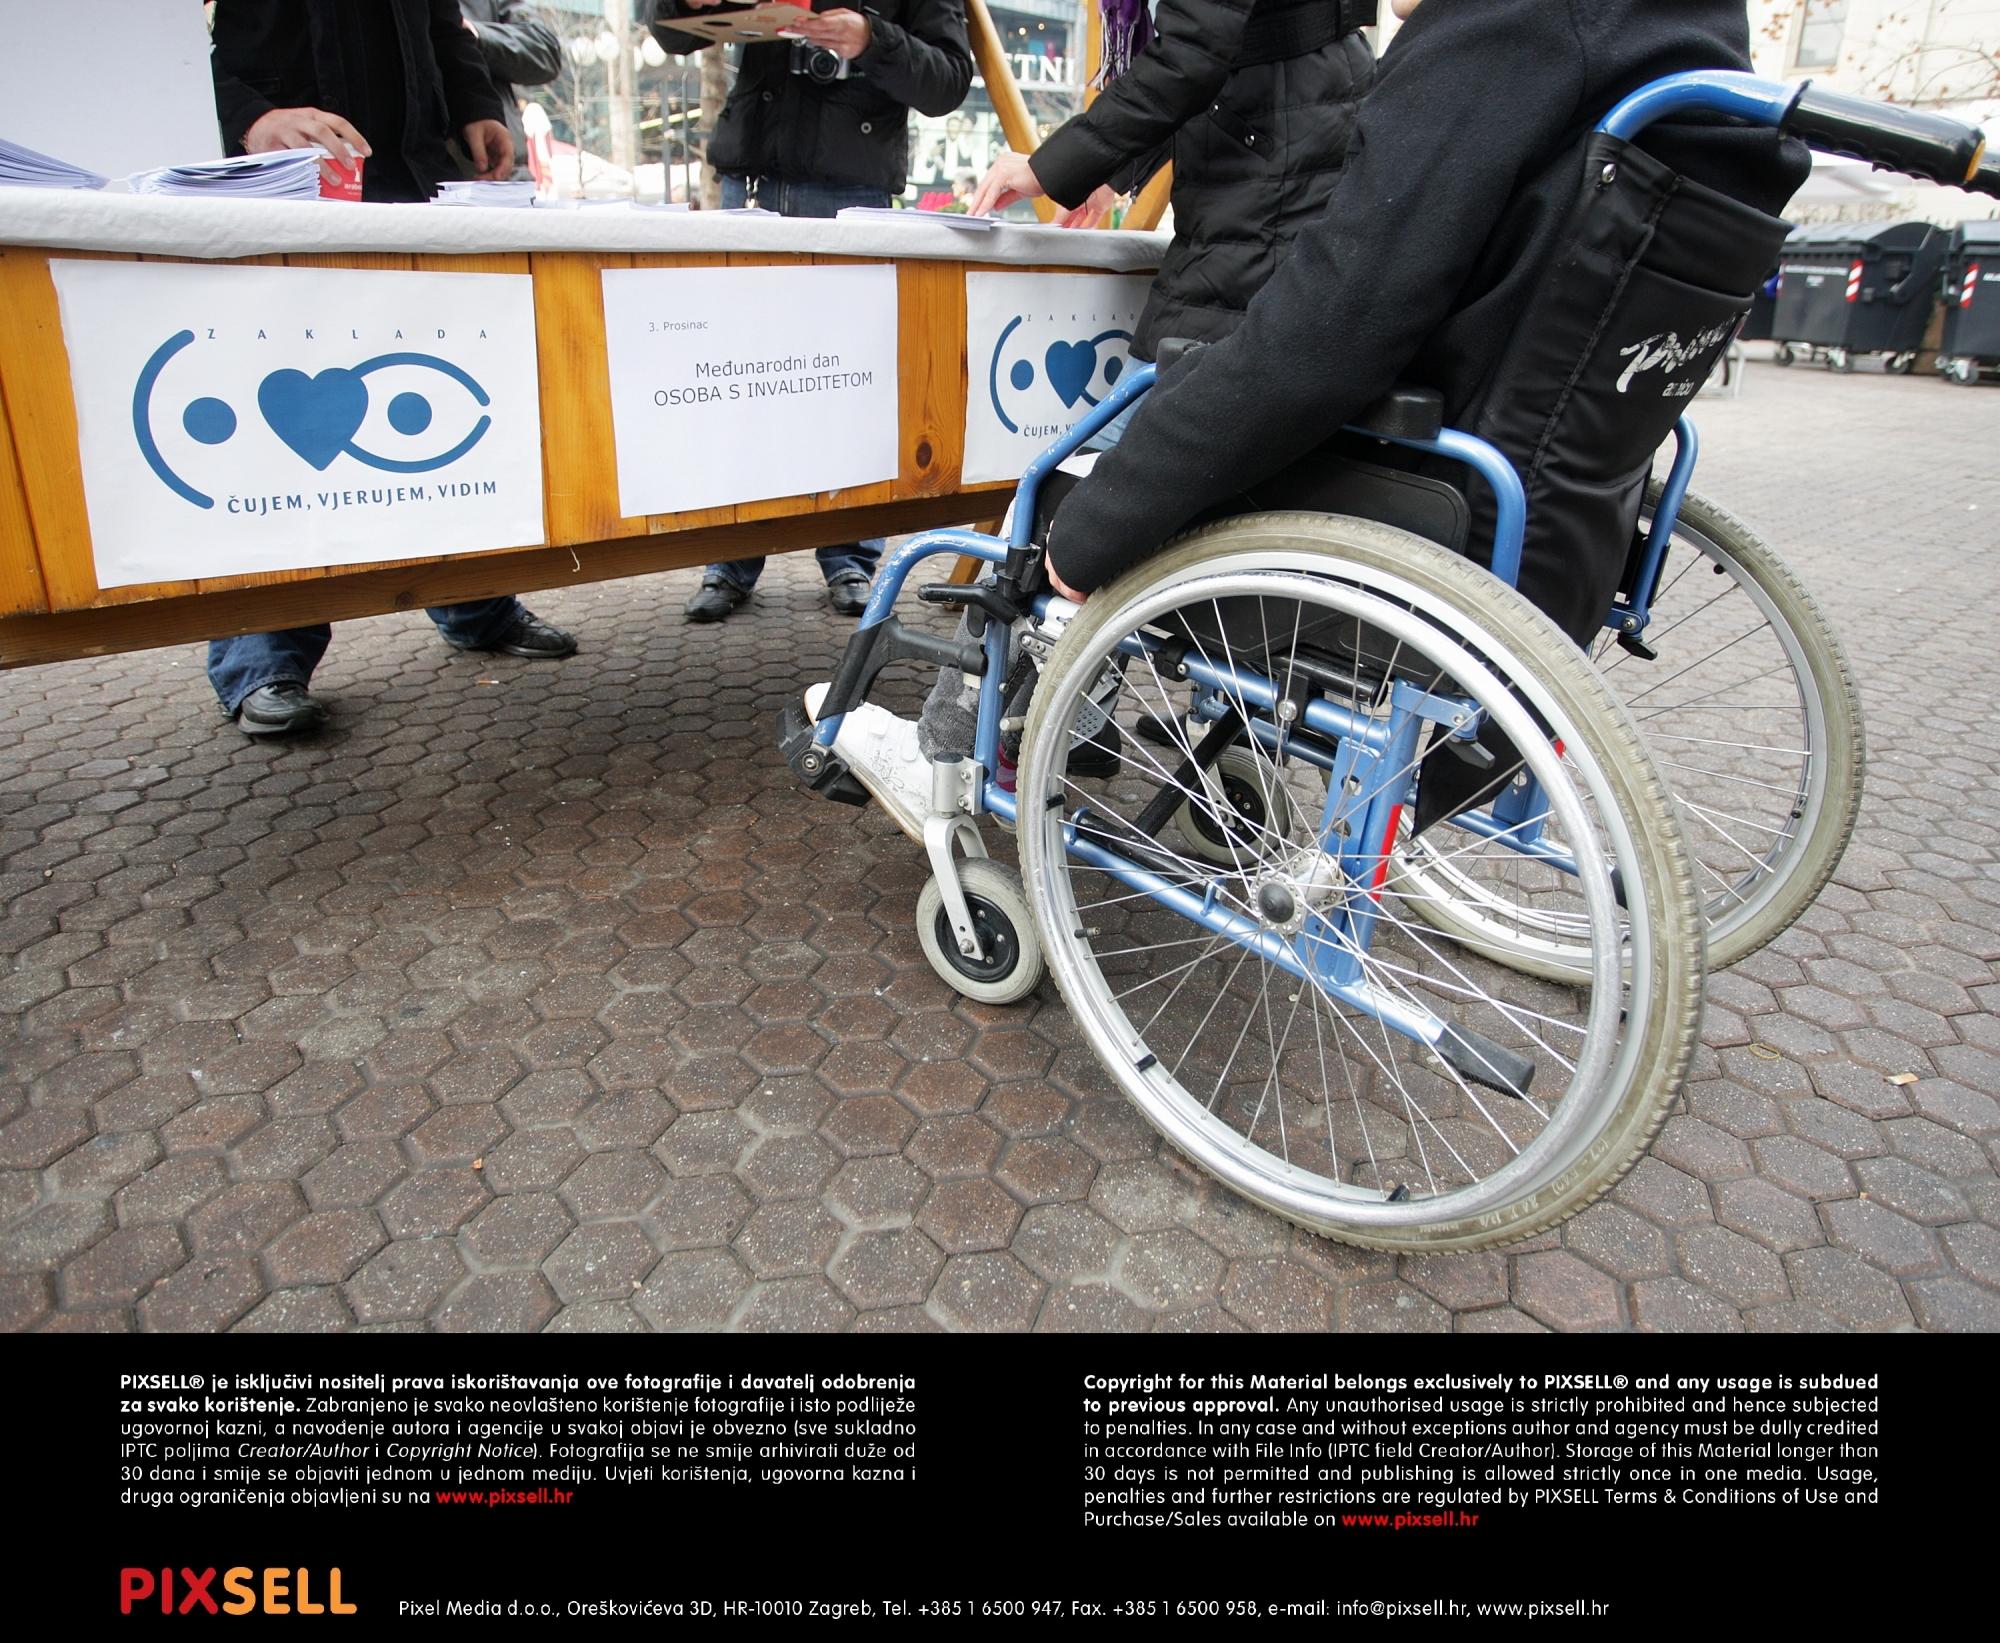 Što po pitanju zapošljavanja osoba s invaliditetom donosi ulazak u EU?